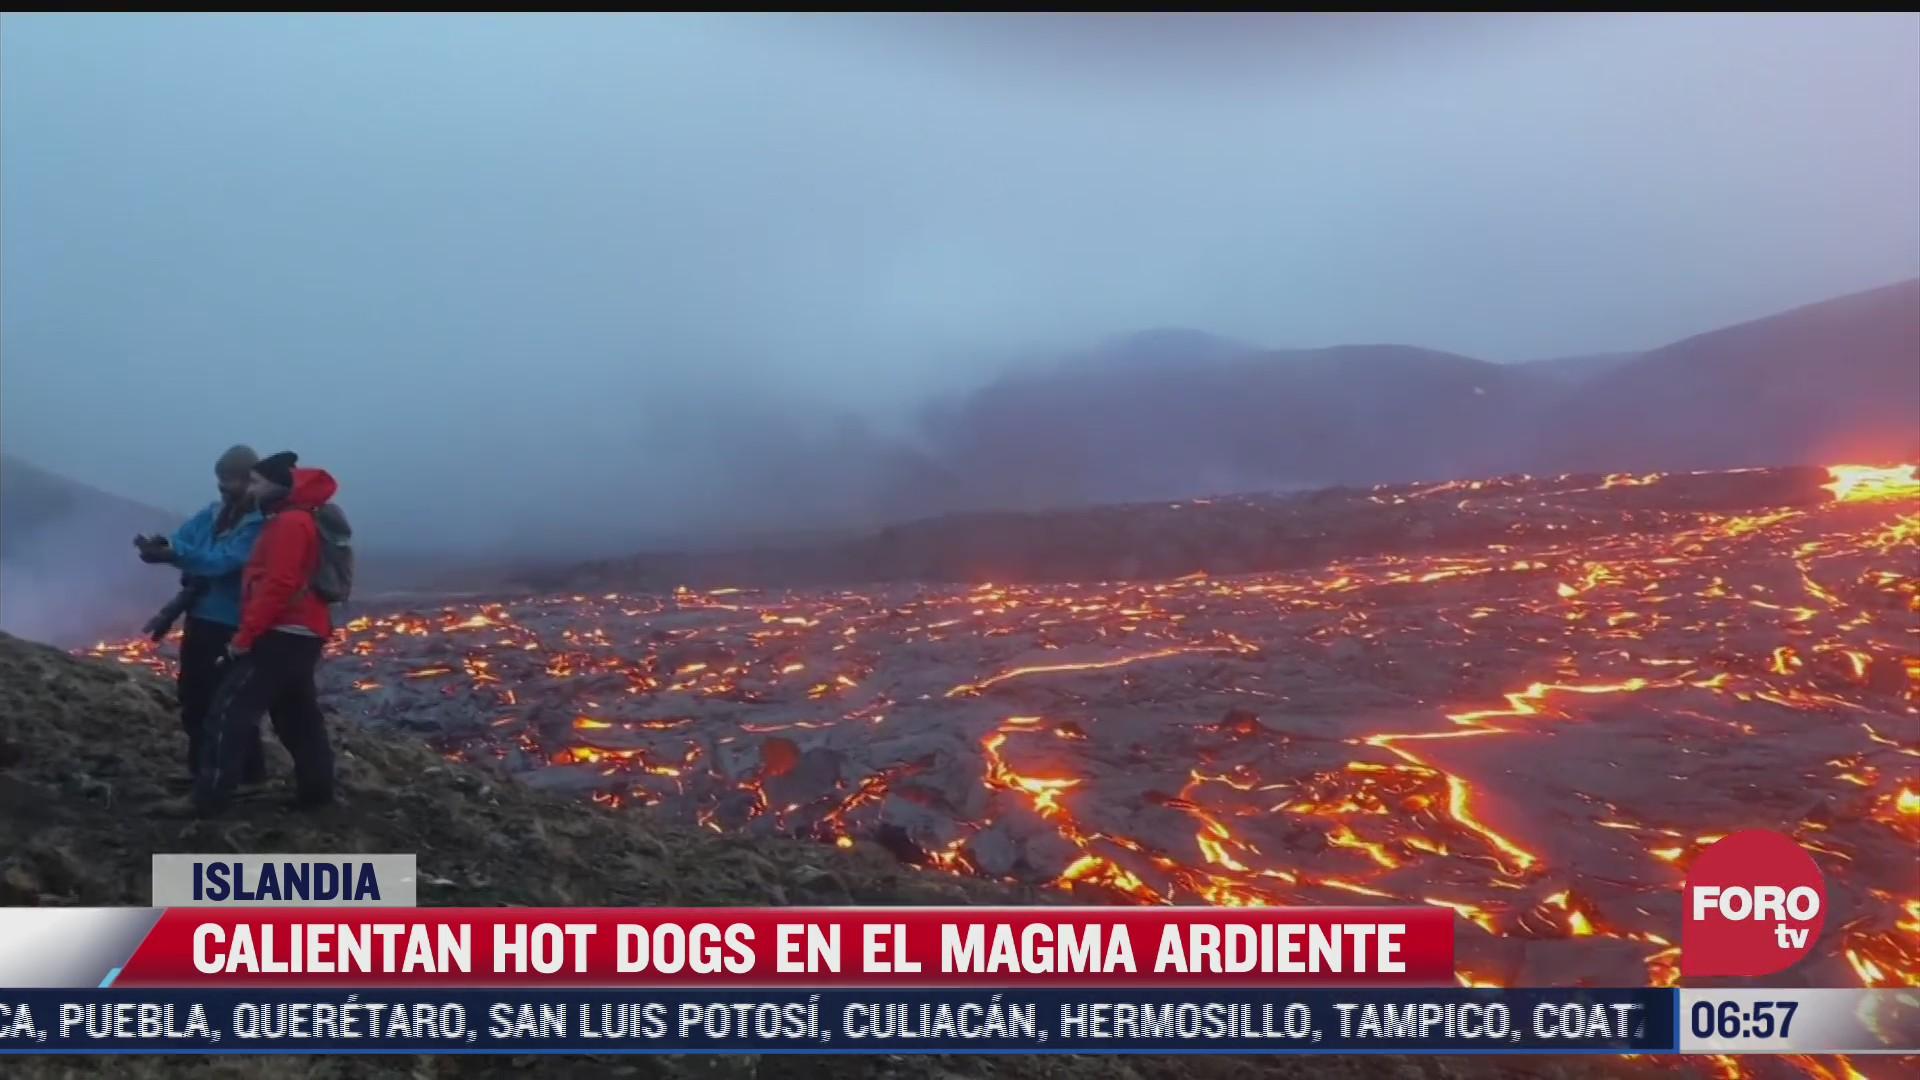 geologos calientan hot dogs en magma ardiente de un volcan